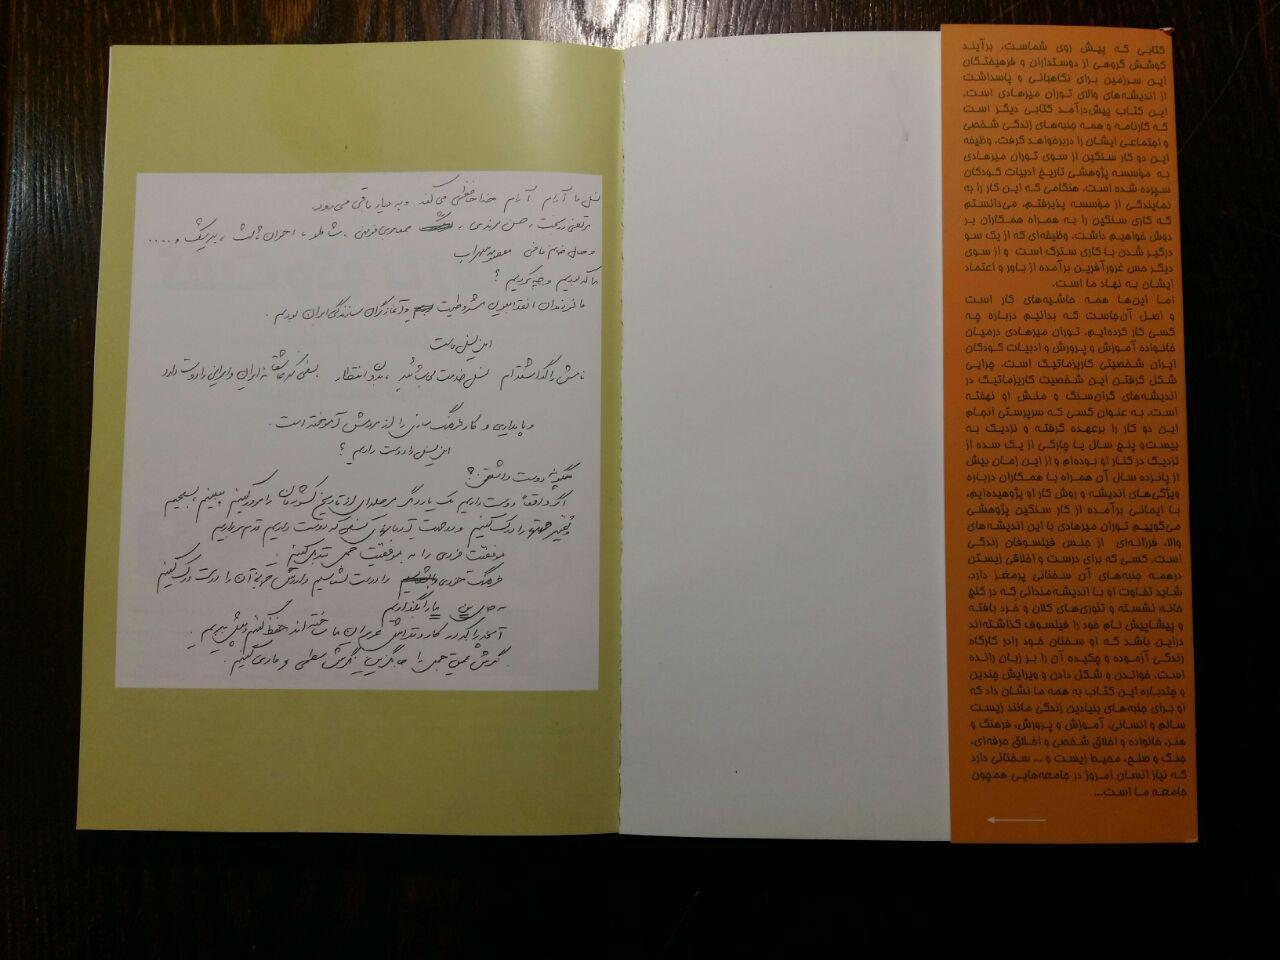 دستنوشته بانو توران میرهادی در کتاب گفتوگو با زمان